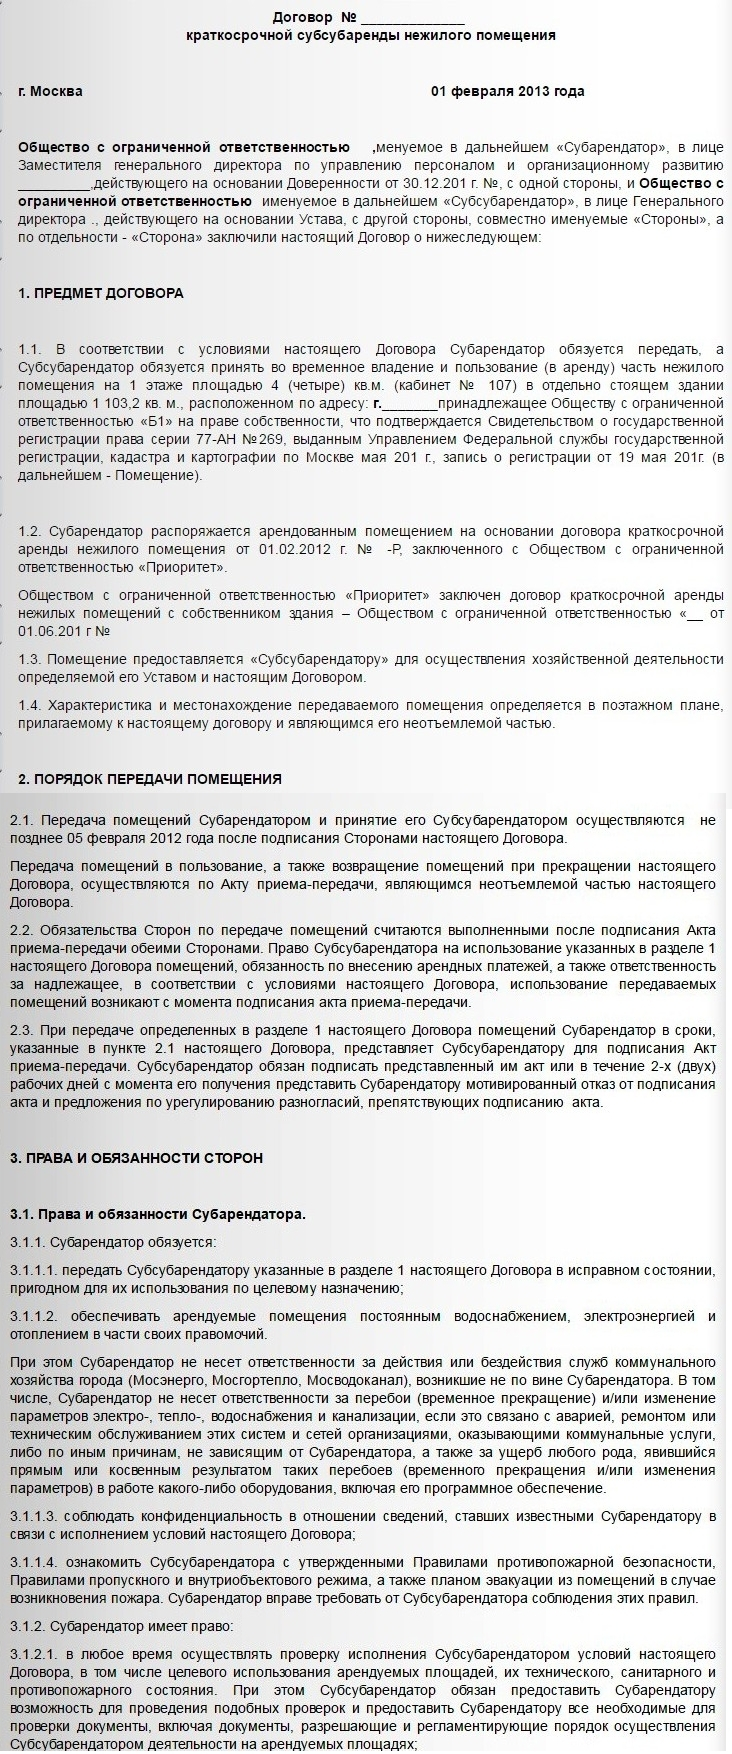 Договор на уборку помещения между юридическими лицами